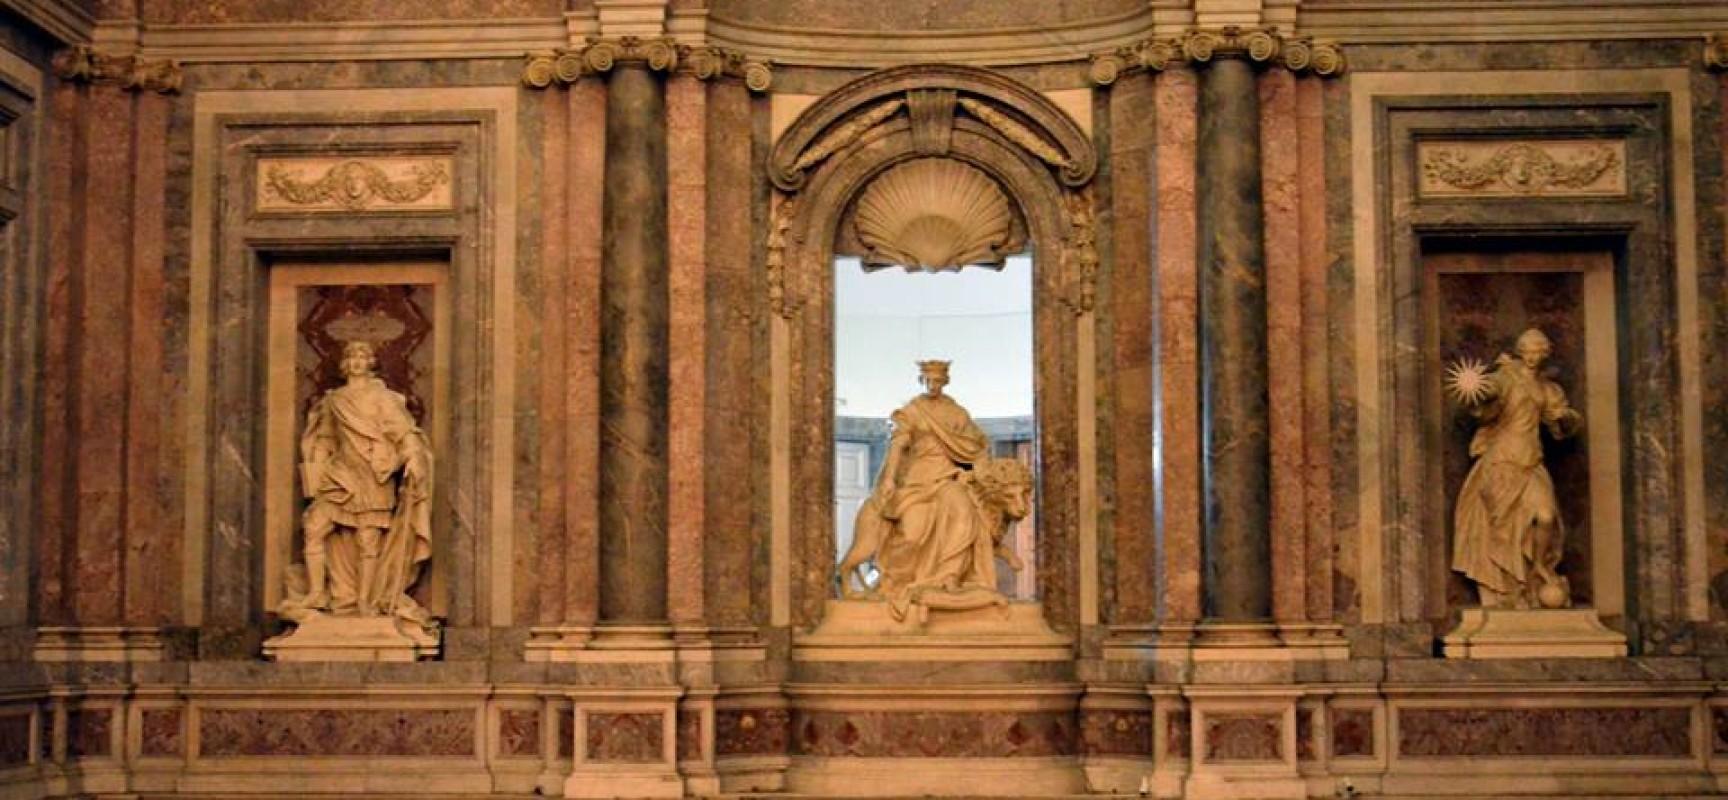 Caserta ed il coraggio di ripristinare la verità: da Corso Trieste a Corso Ferdinando II